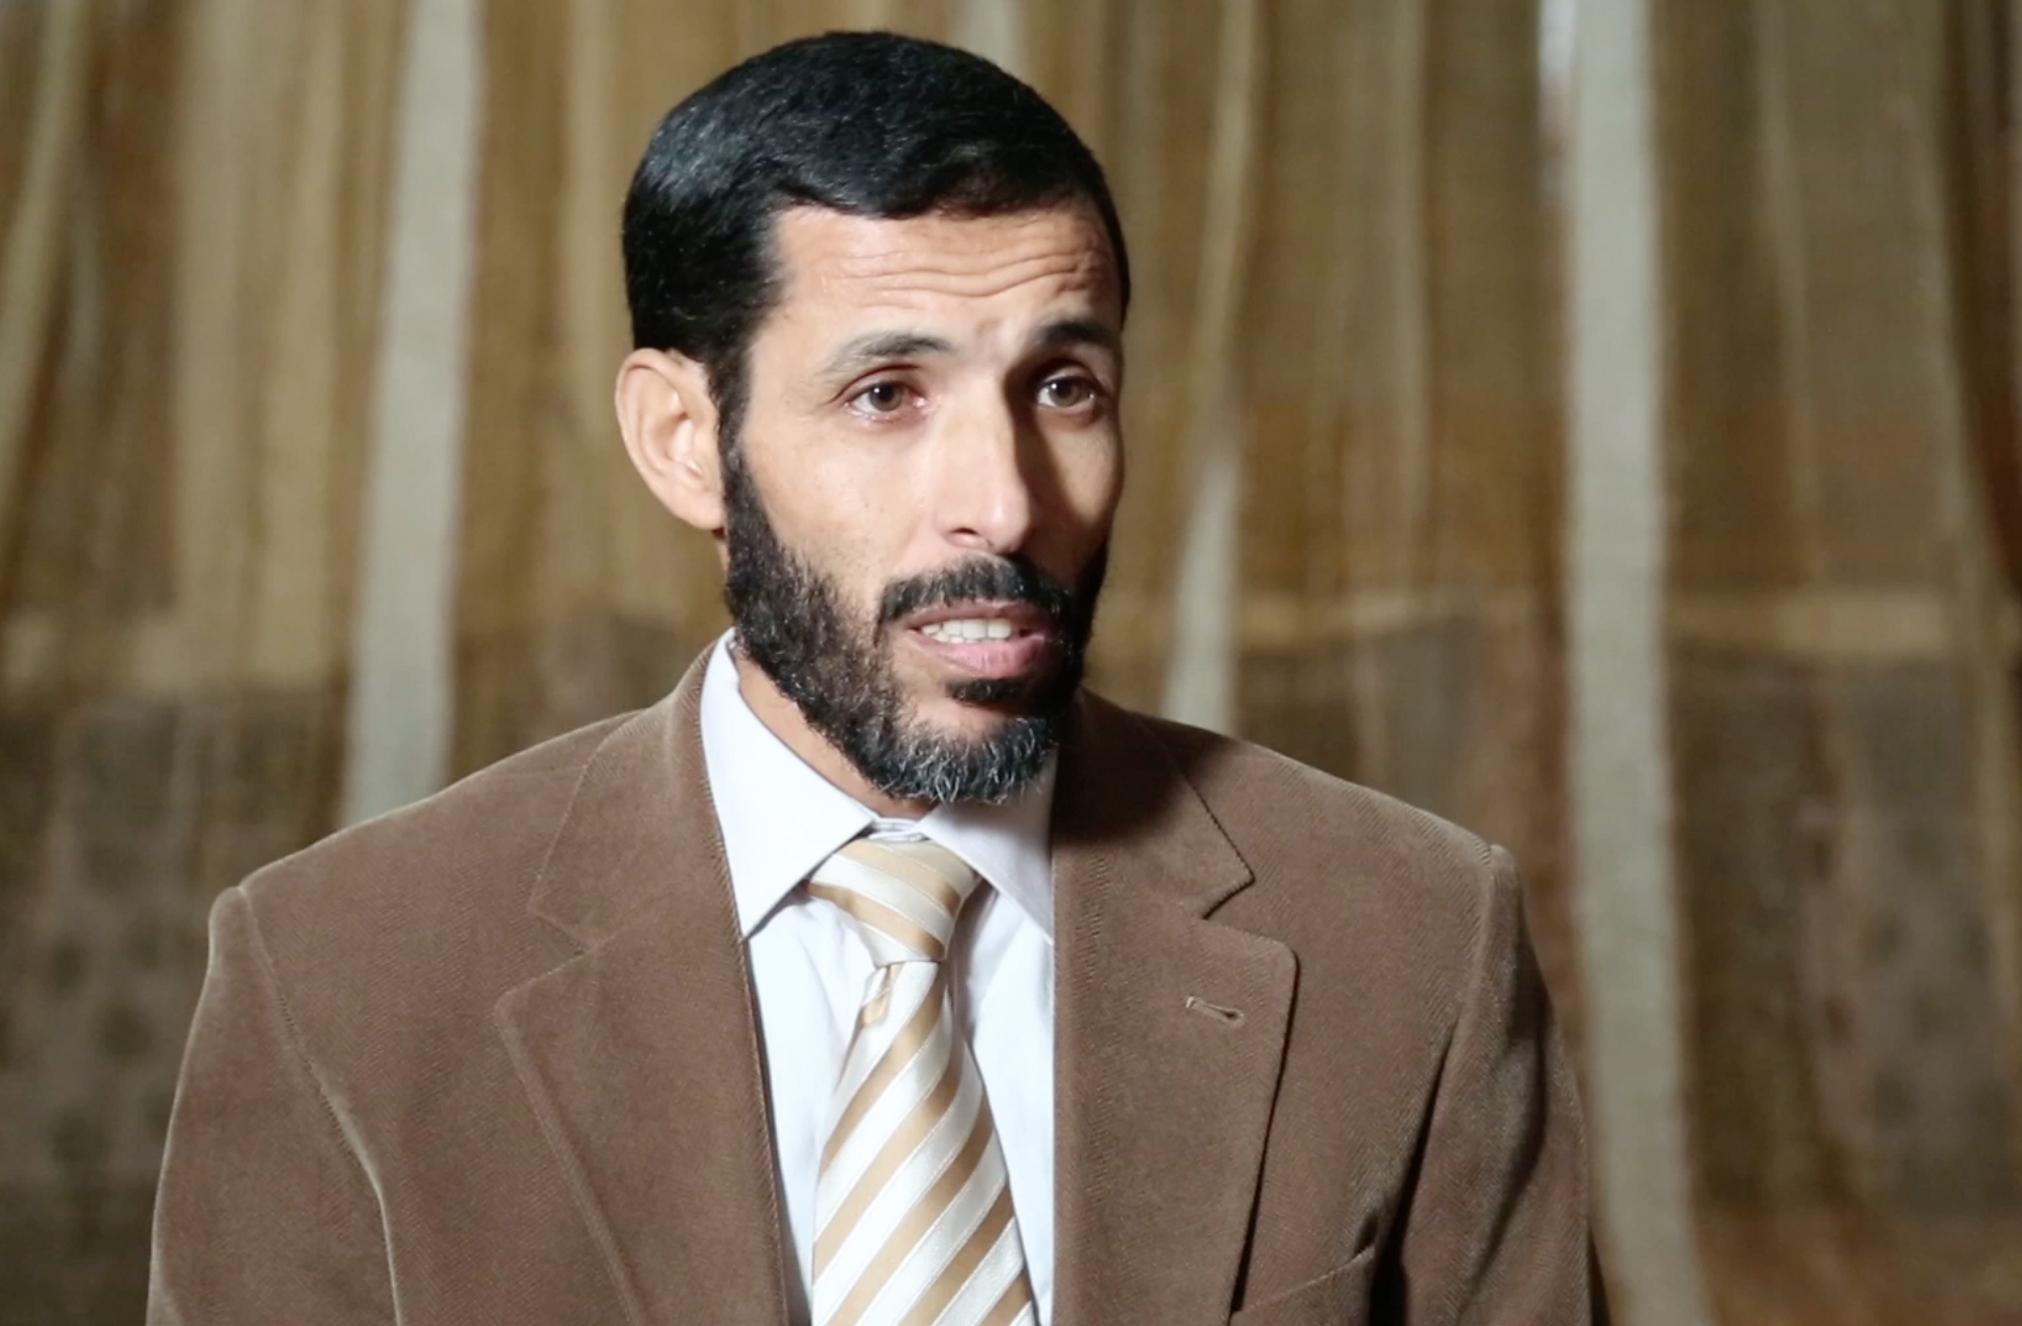 ملاحظات منهجية في دعوى مراجعة التربية الدينية. بقلم : الدكتور أحمد الفراك